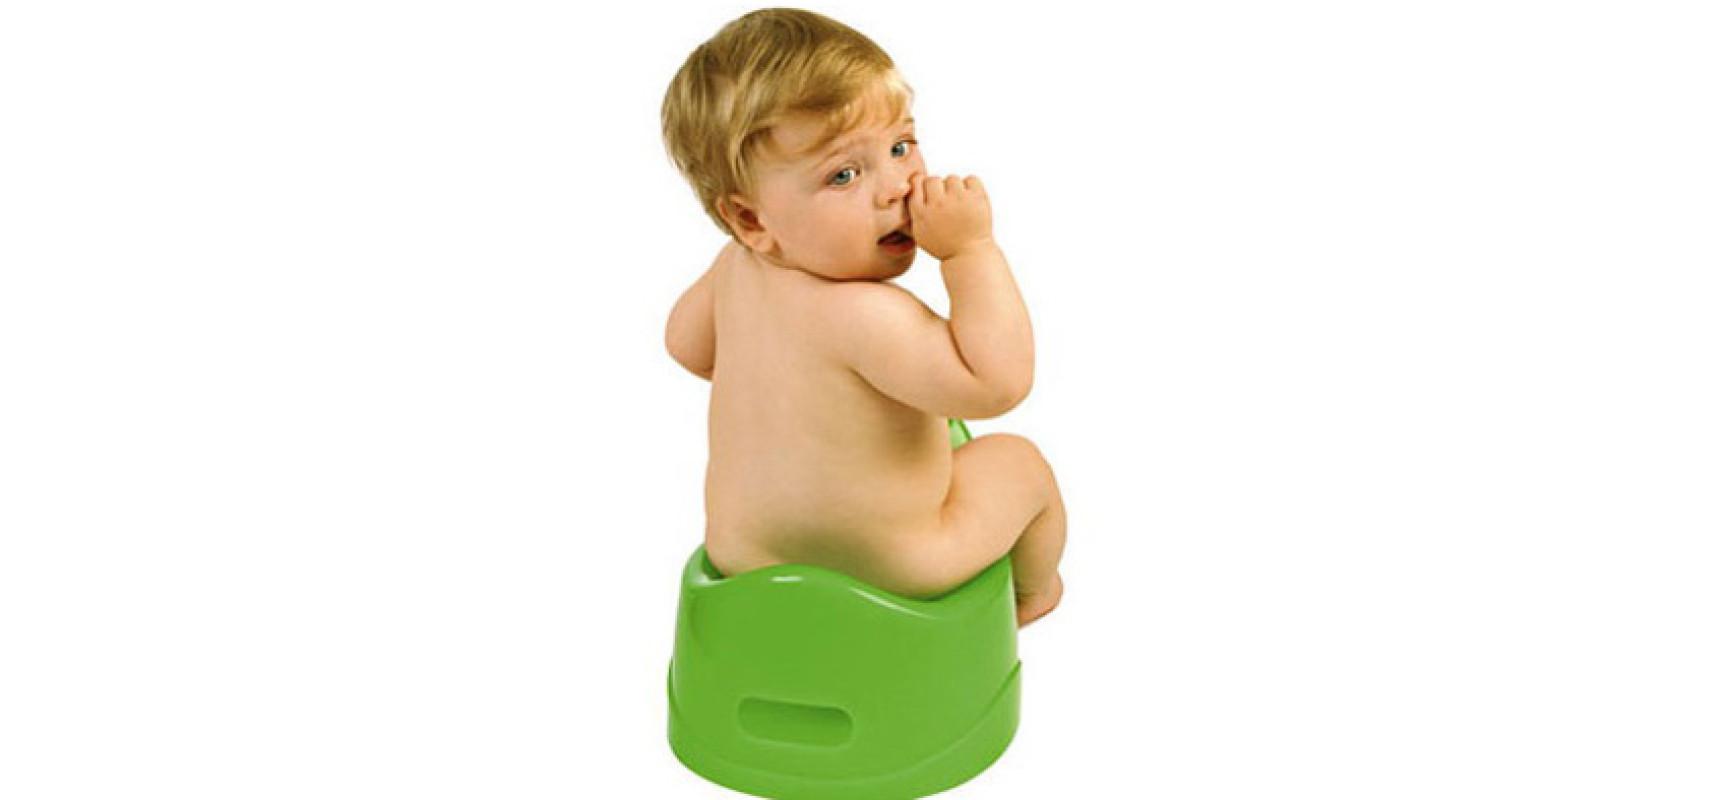 Стул у ребенка 4 месяца на грудном вскармливании фото